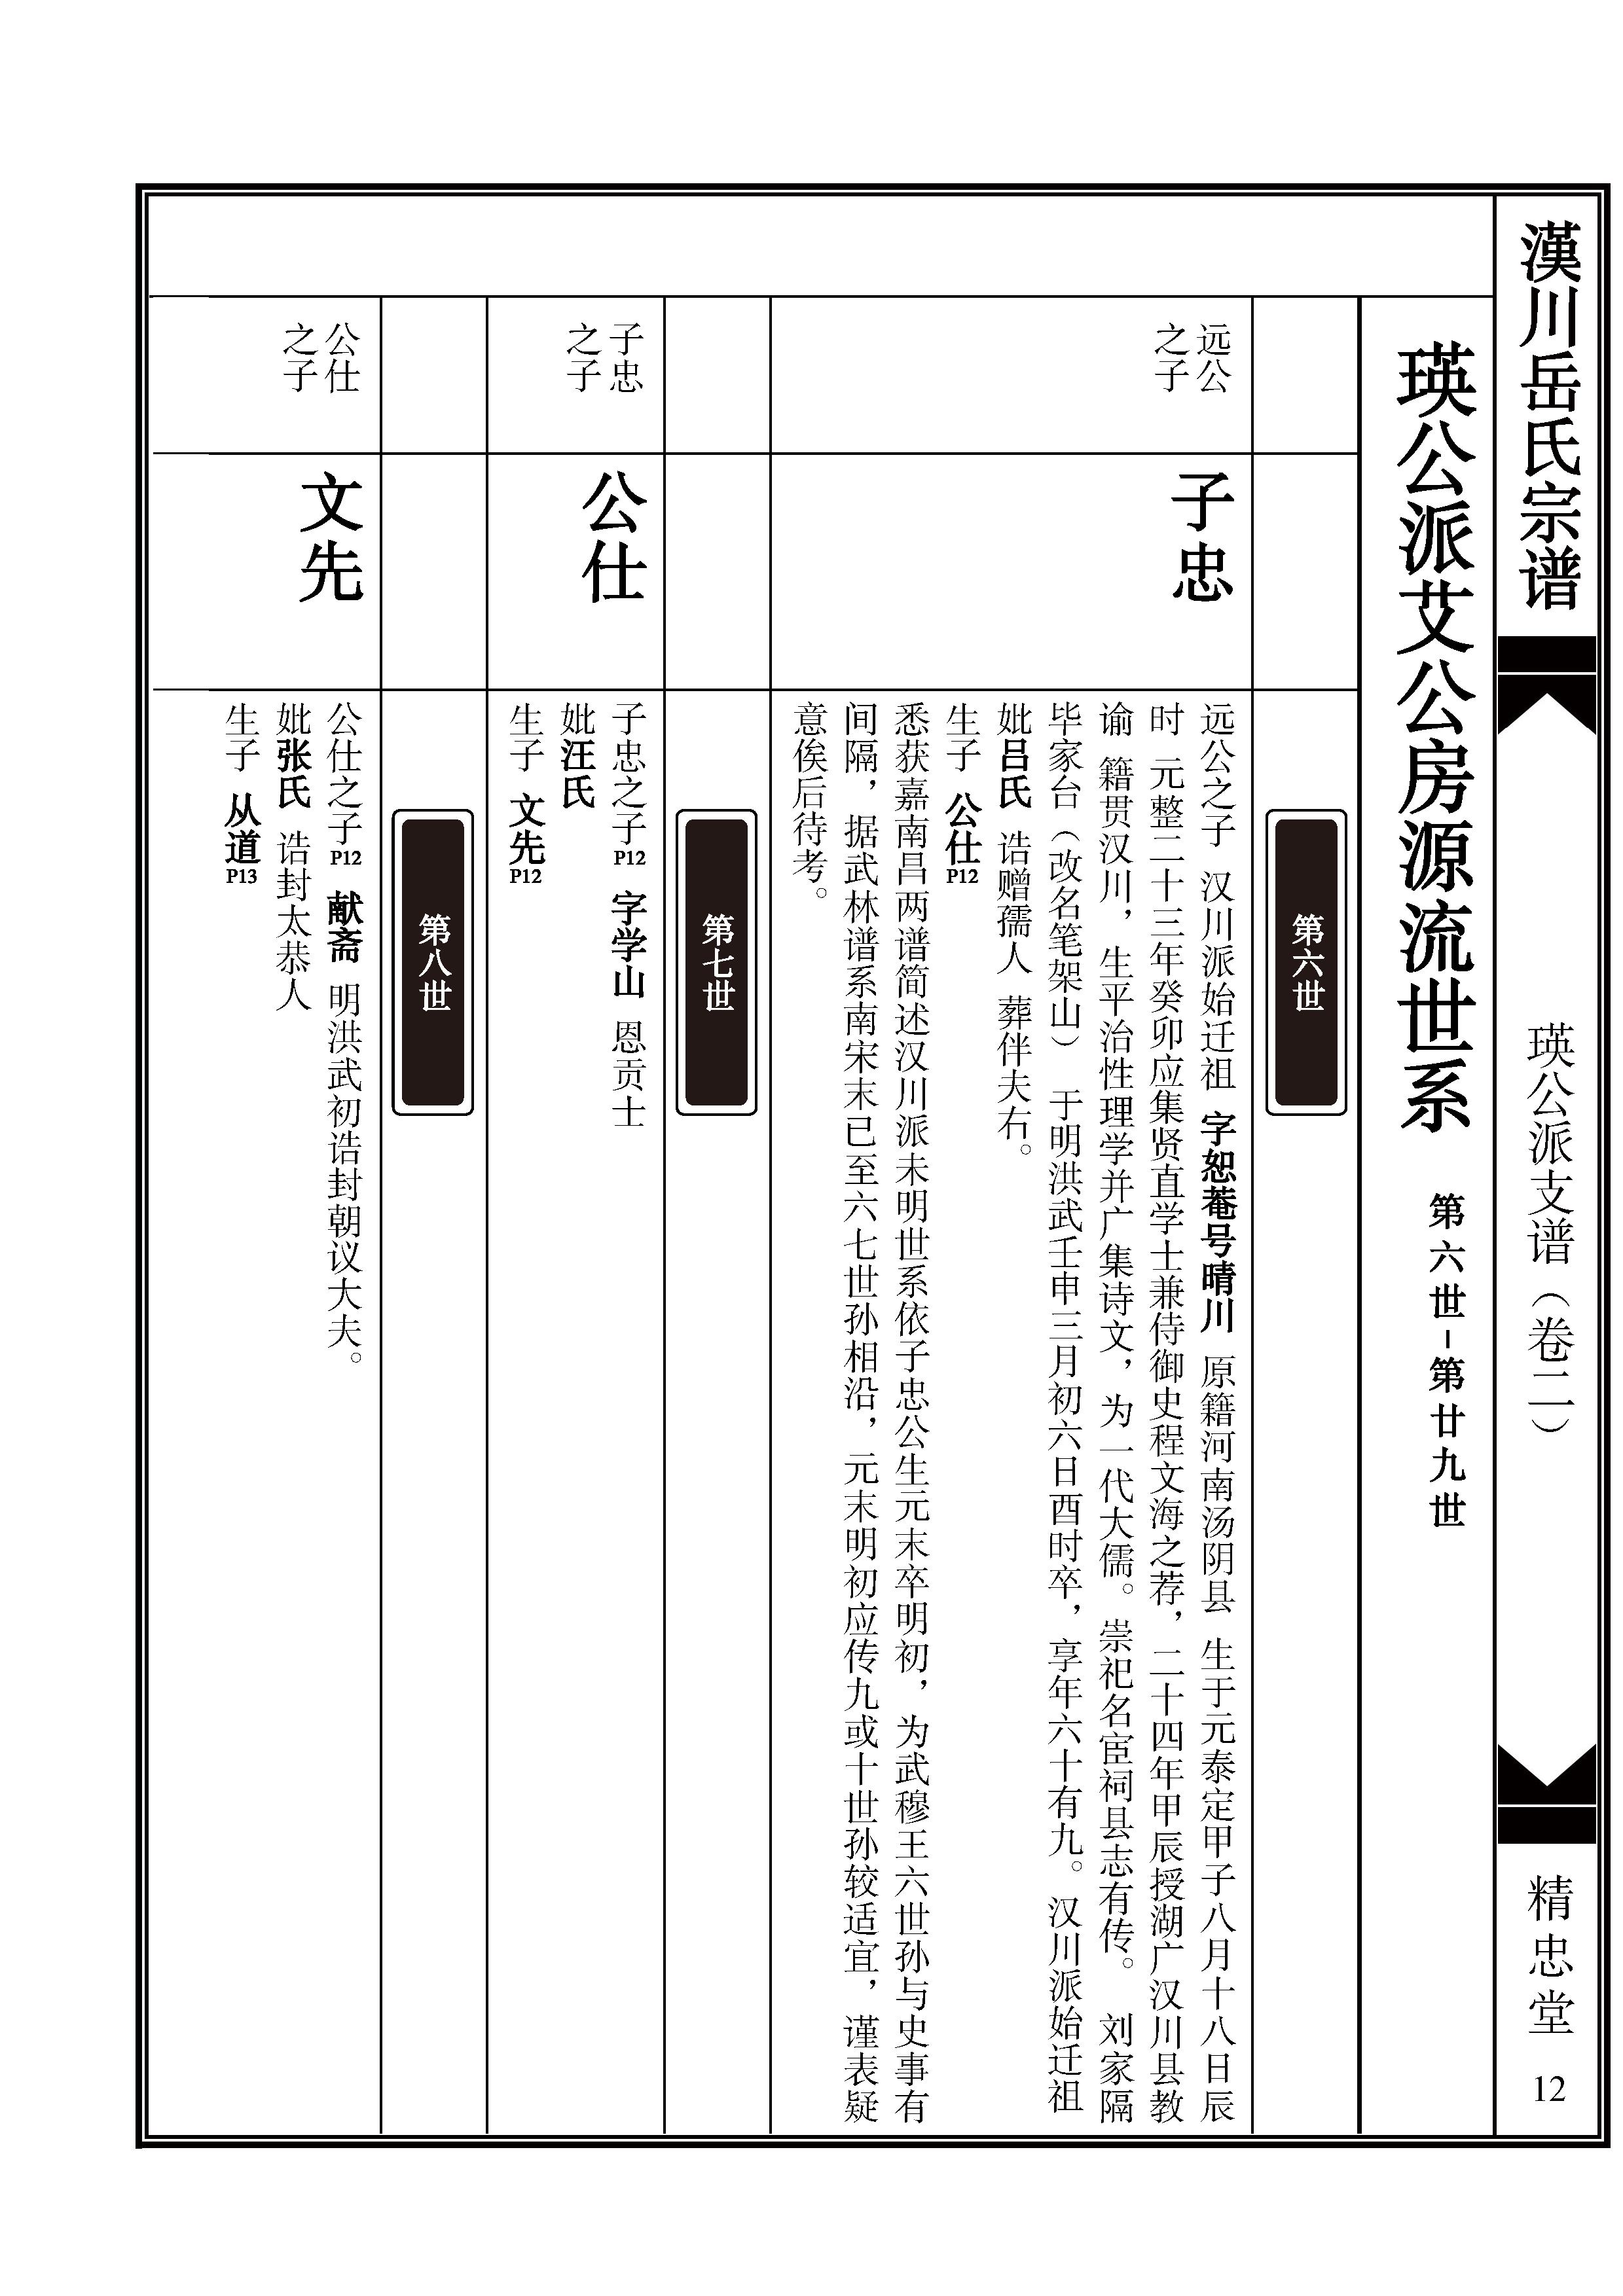 页面提取自-12古典合传苏式_页面_4